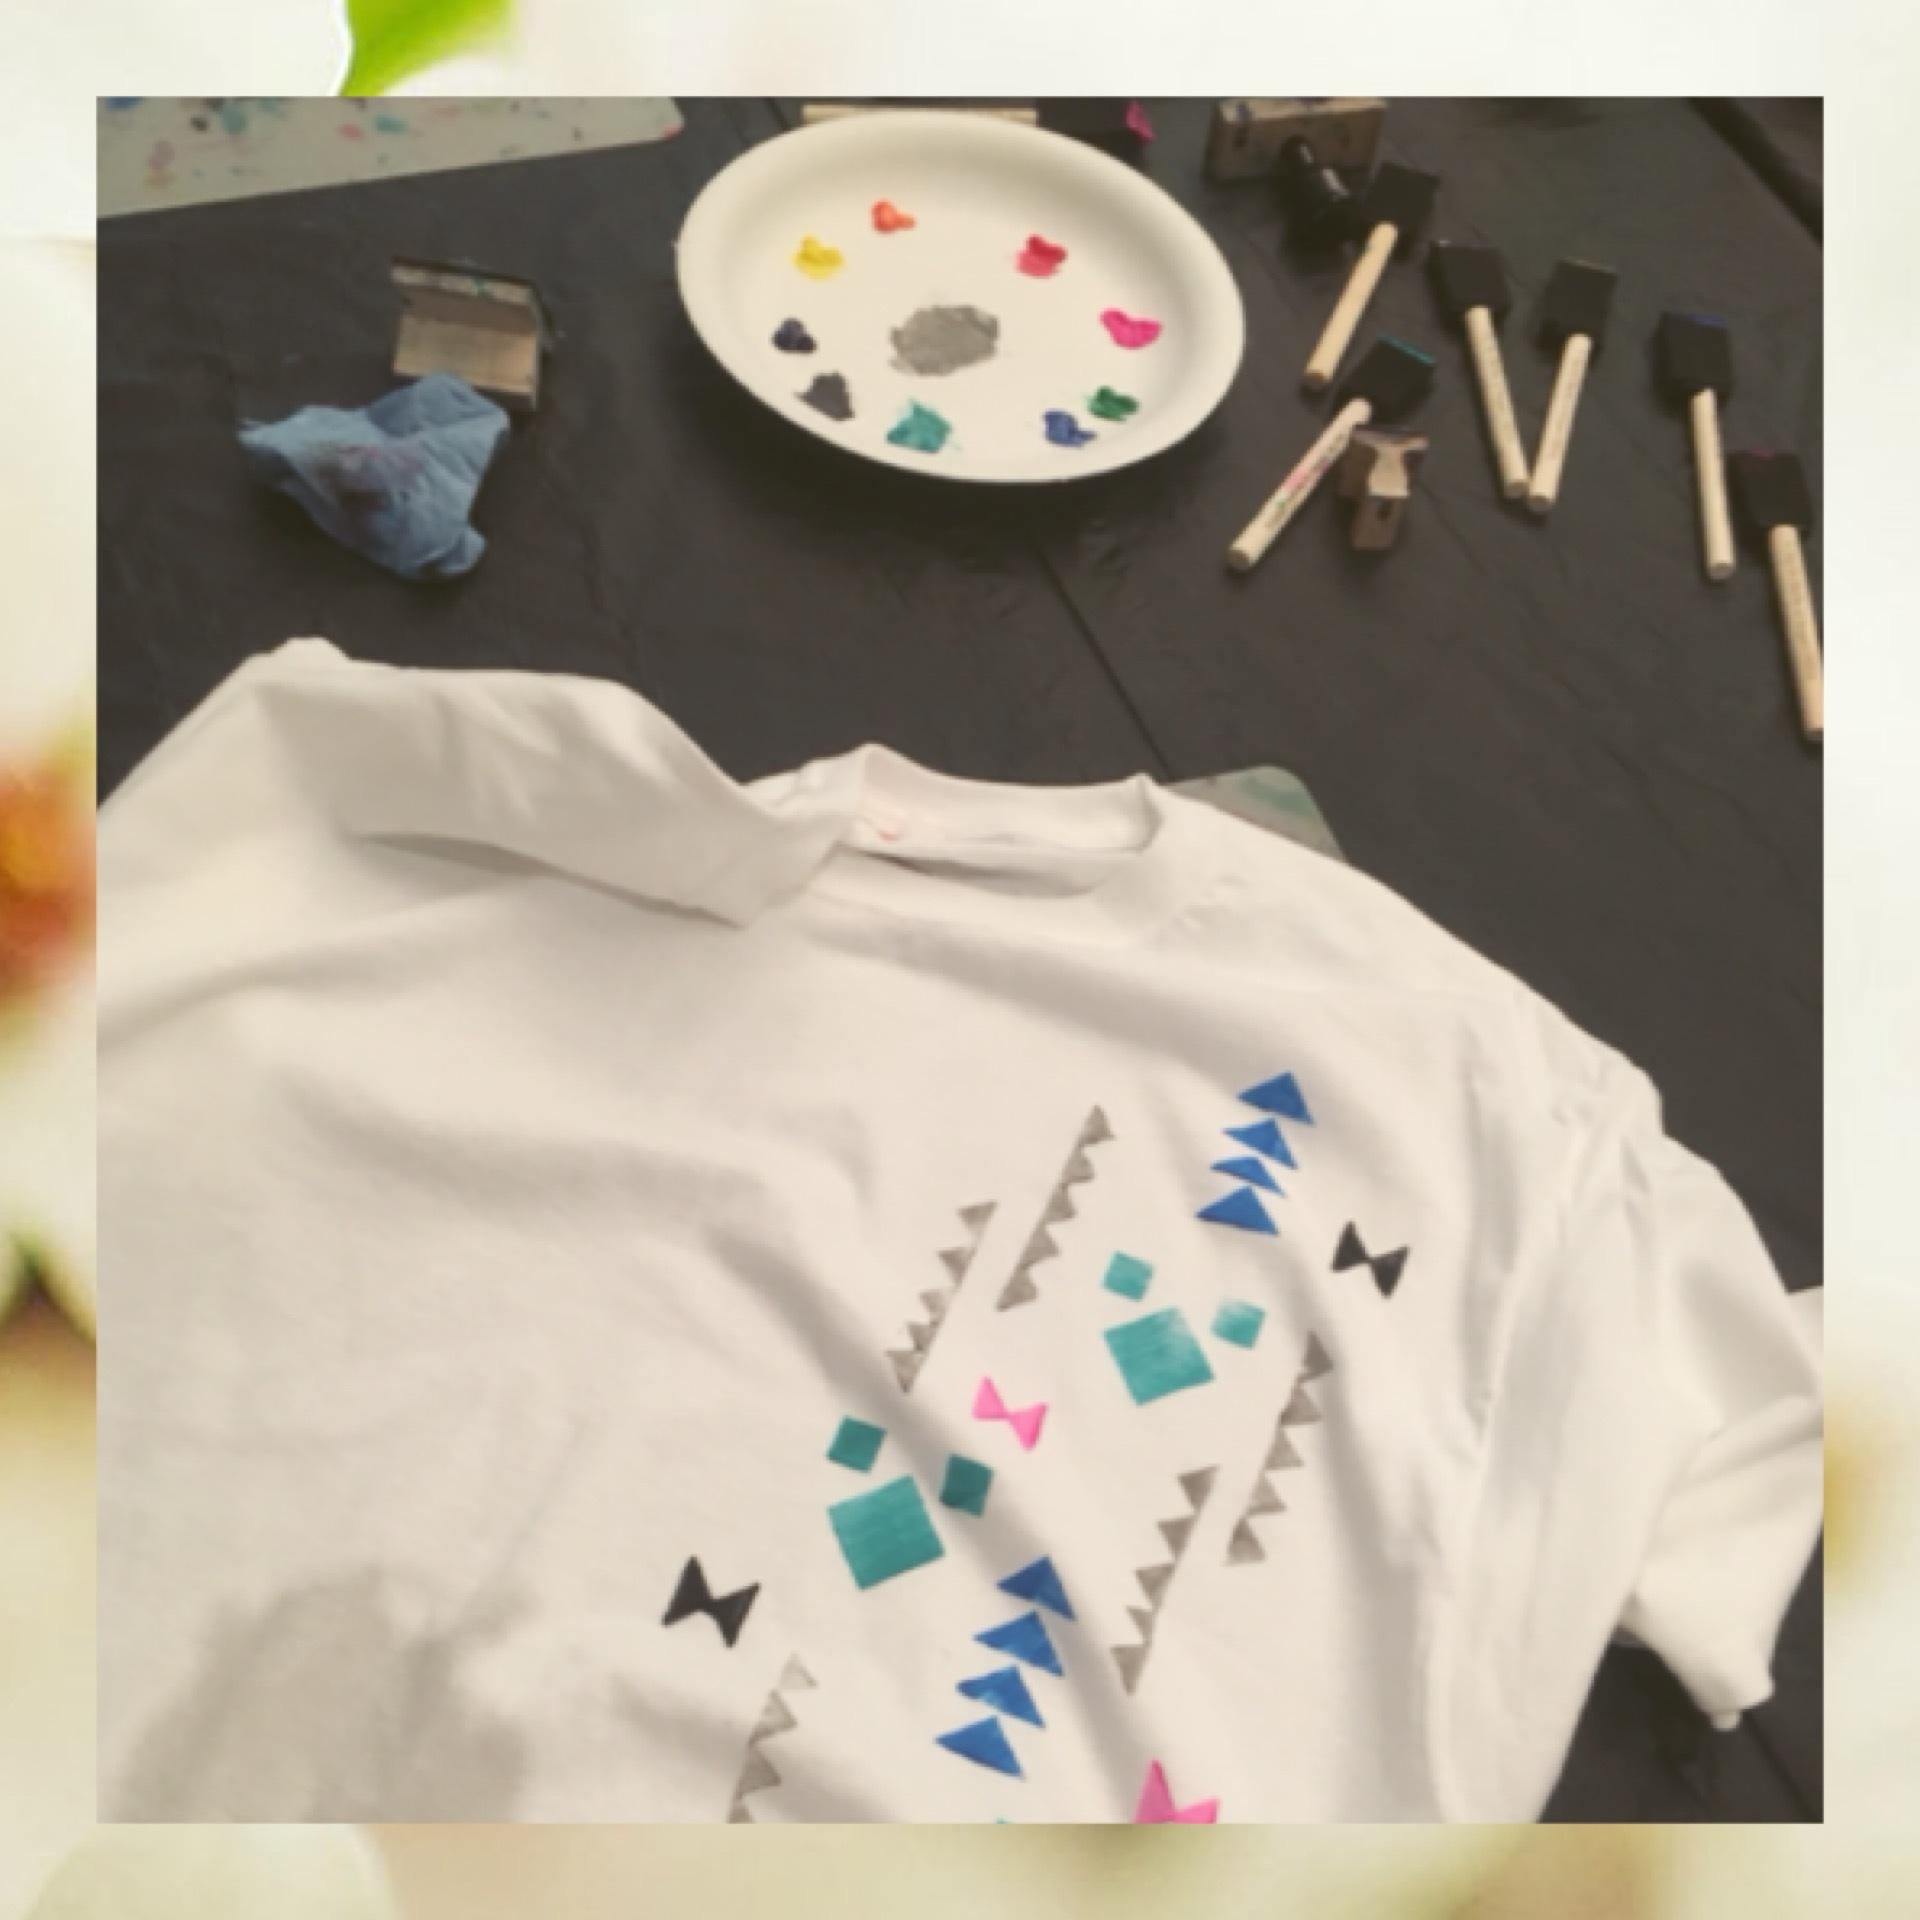 《カルチャーアクティビティ&ショー》フラ体験とTシャツ作りに挑戦 ٭¨̮♫ _1_2-3